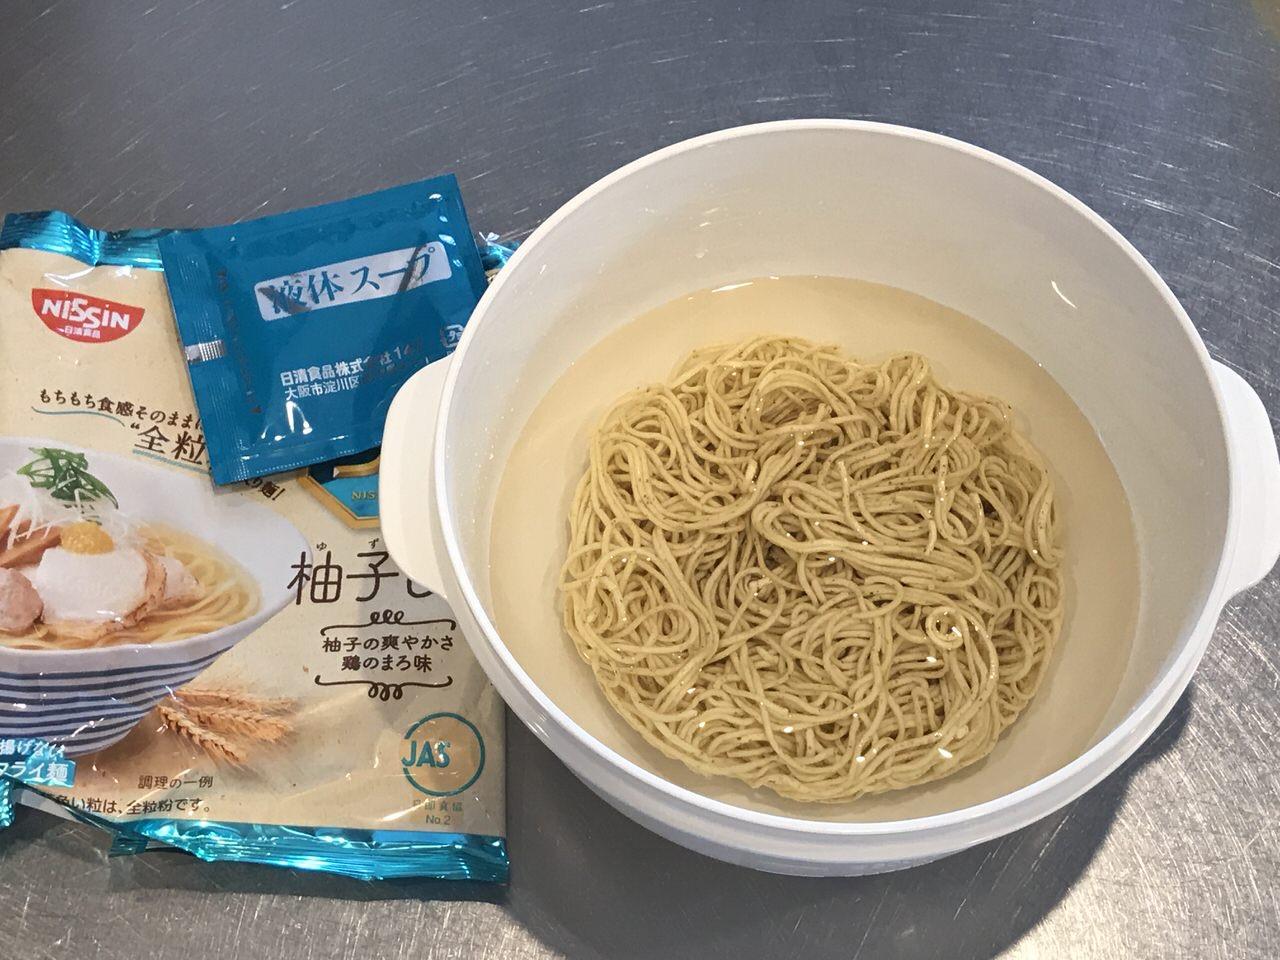 手軽で旨いレンチンする袋麺の油そば化計画 10